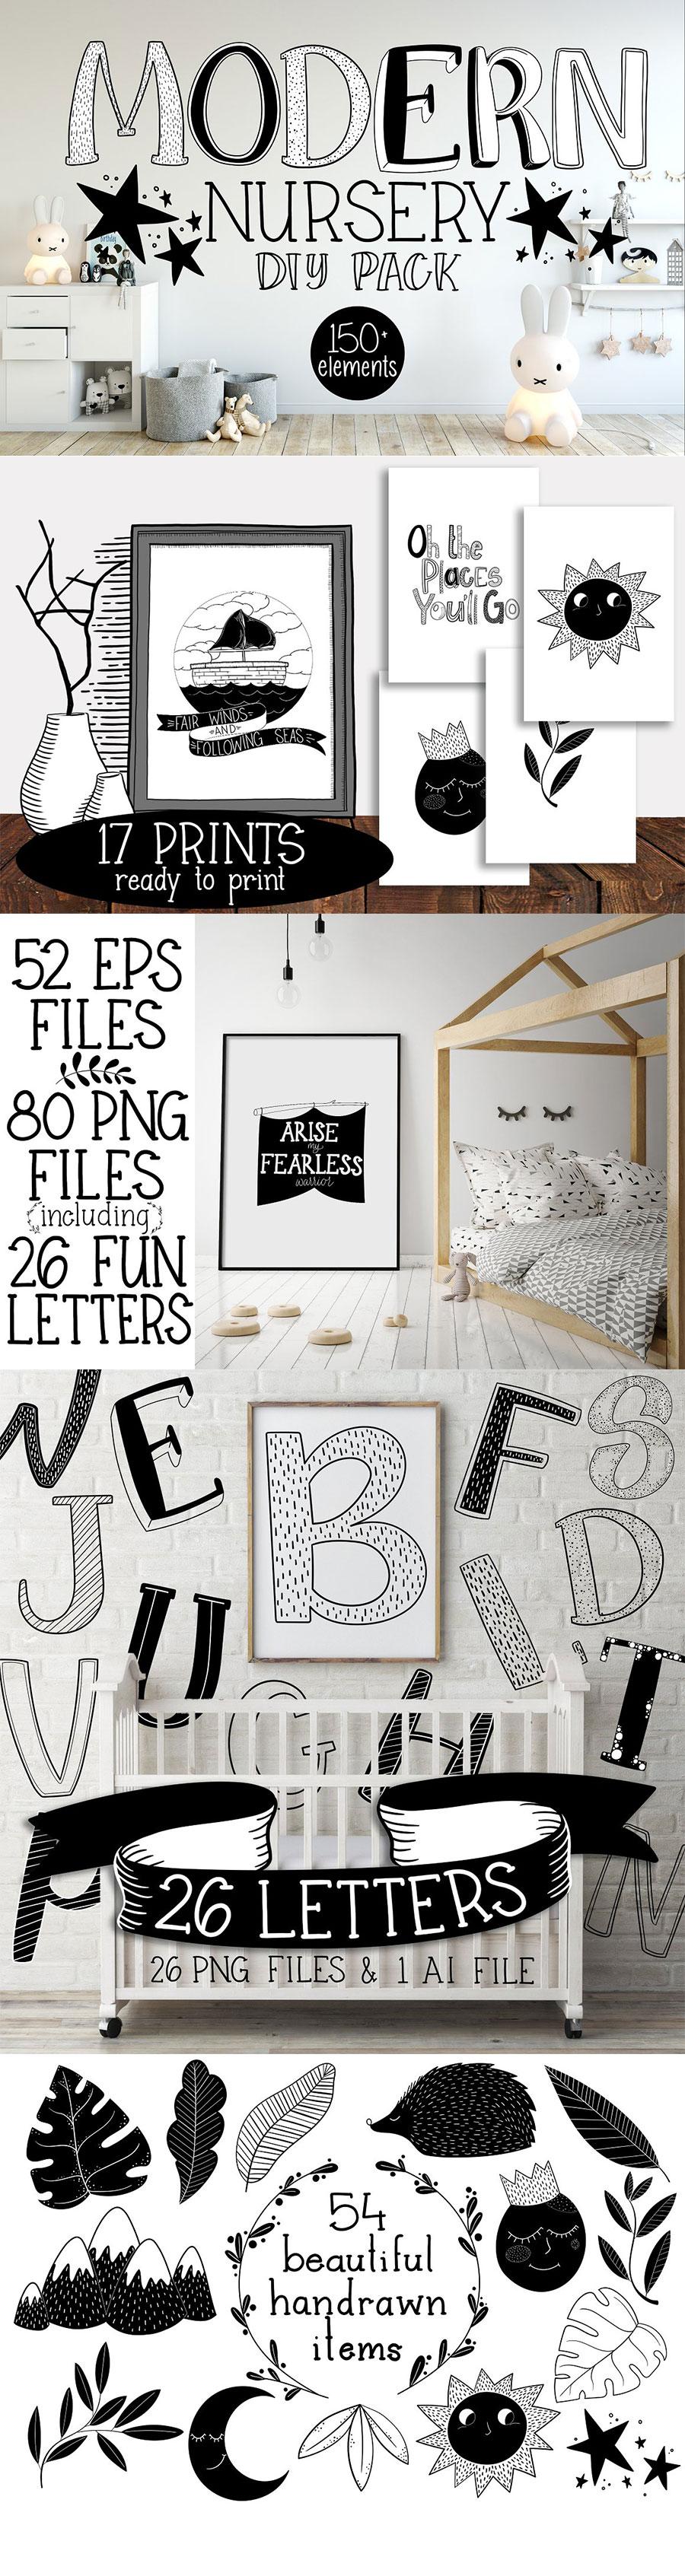 免费-现代高端矢量男孩儿童房间装饰插画素材包[EPS]设计素材模板